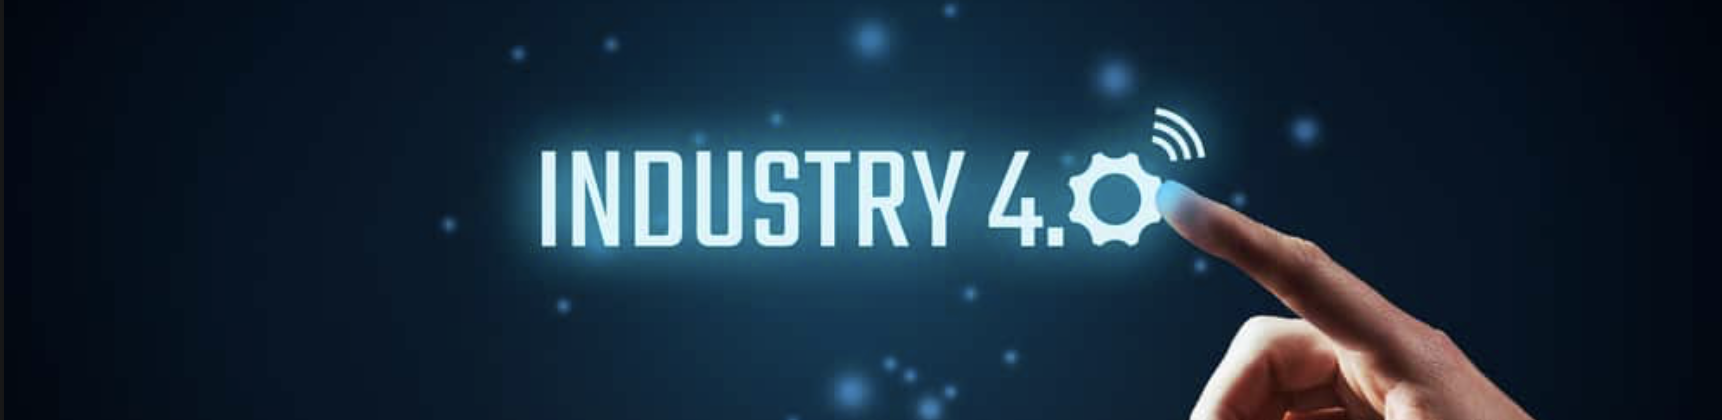 revolución-industrial